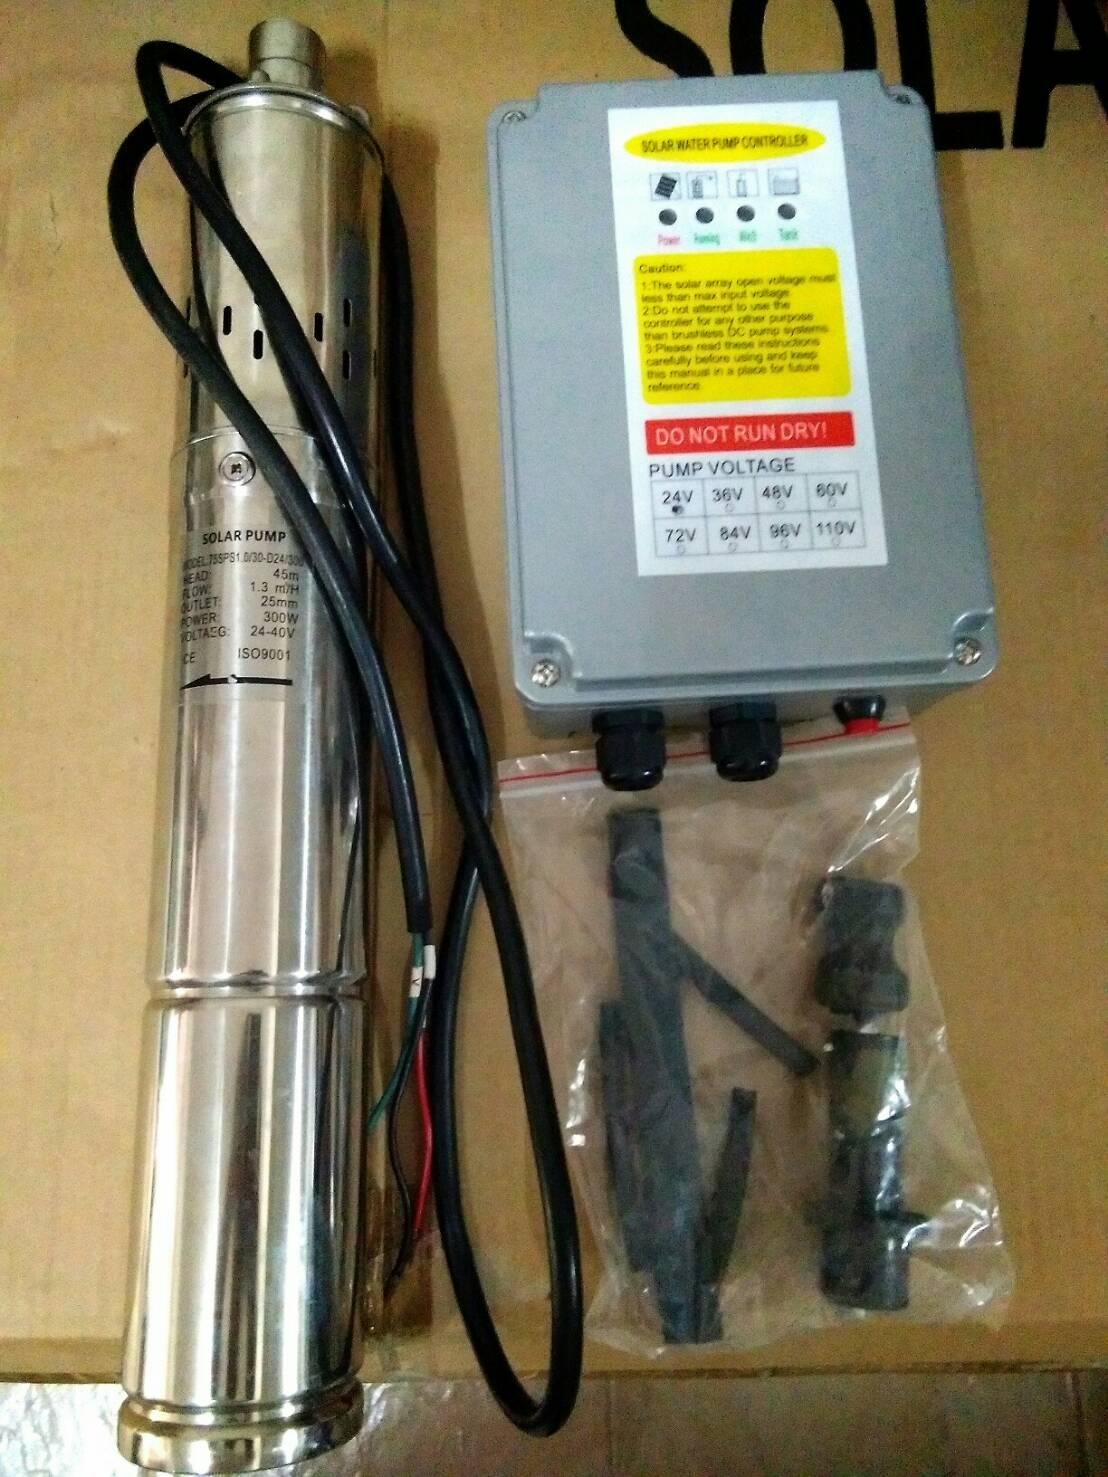 โซล่าปั๊ม (Solar Pump) ชนิด Submersible ขนาด 75SPS 1.0/30/D24/450